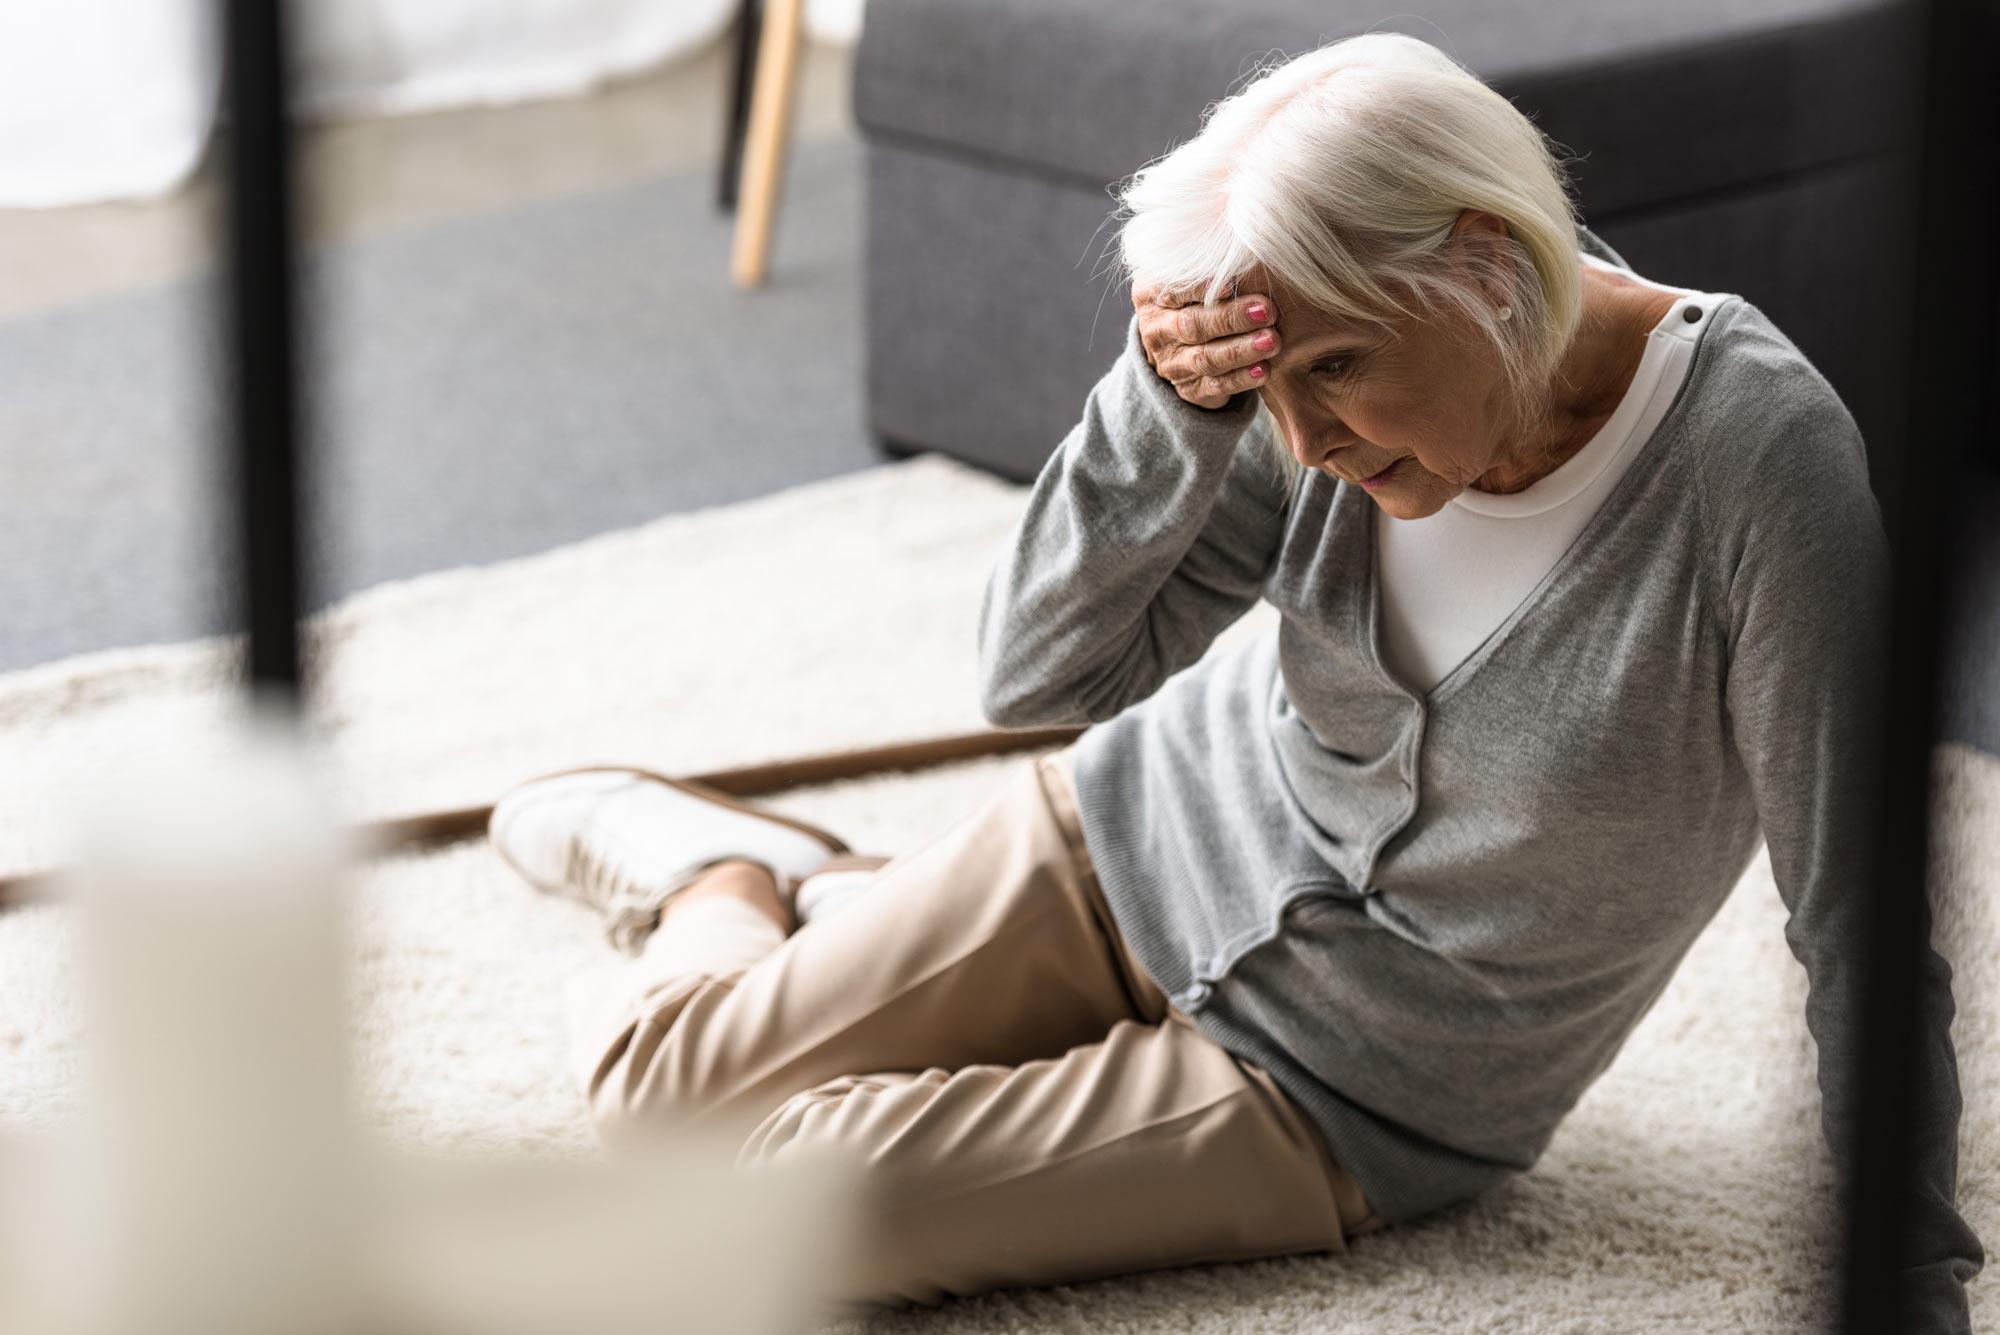 Lähes neljäsosa yli 65-vuotiaiden päivystyskäynneistä johtuu lääkehaitasta – koneellinen annosjakelu vähentää virheitä lääkkeiden jakamisessa